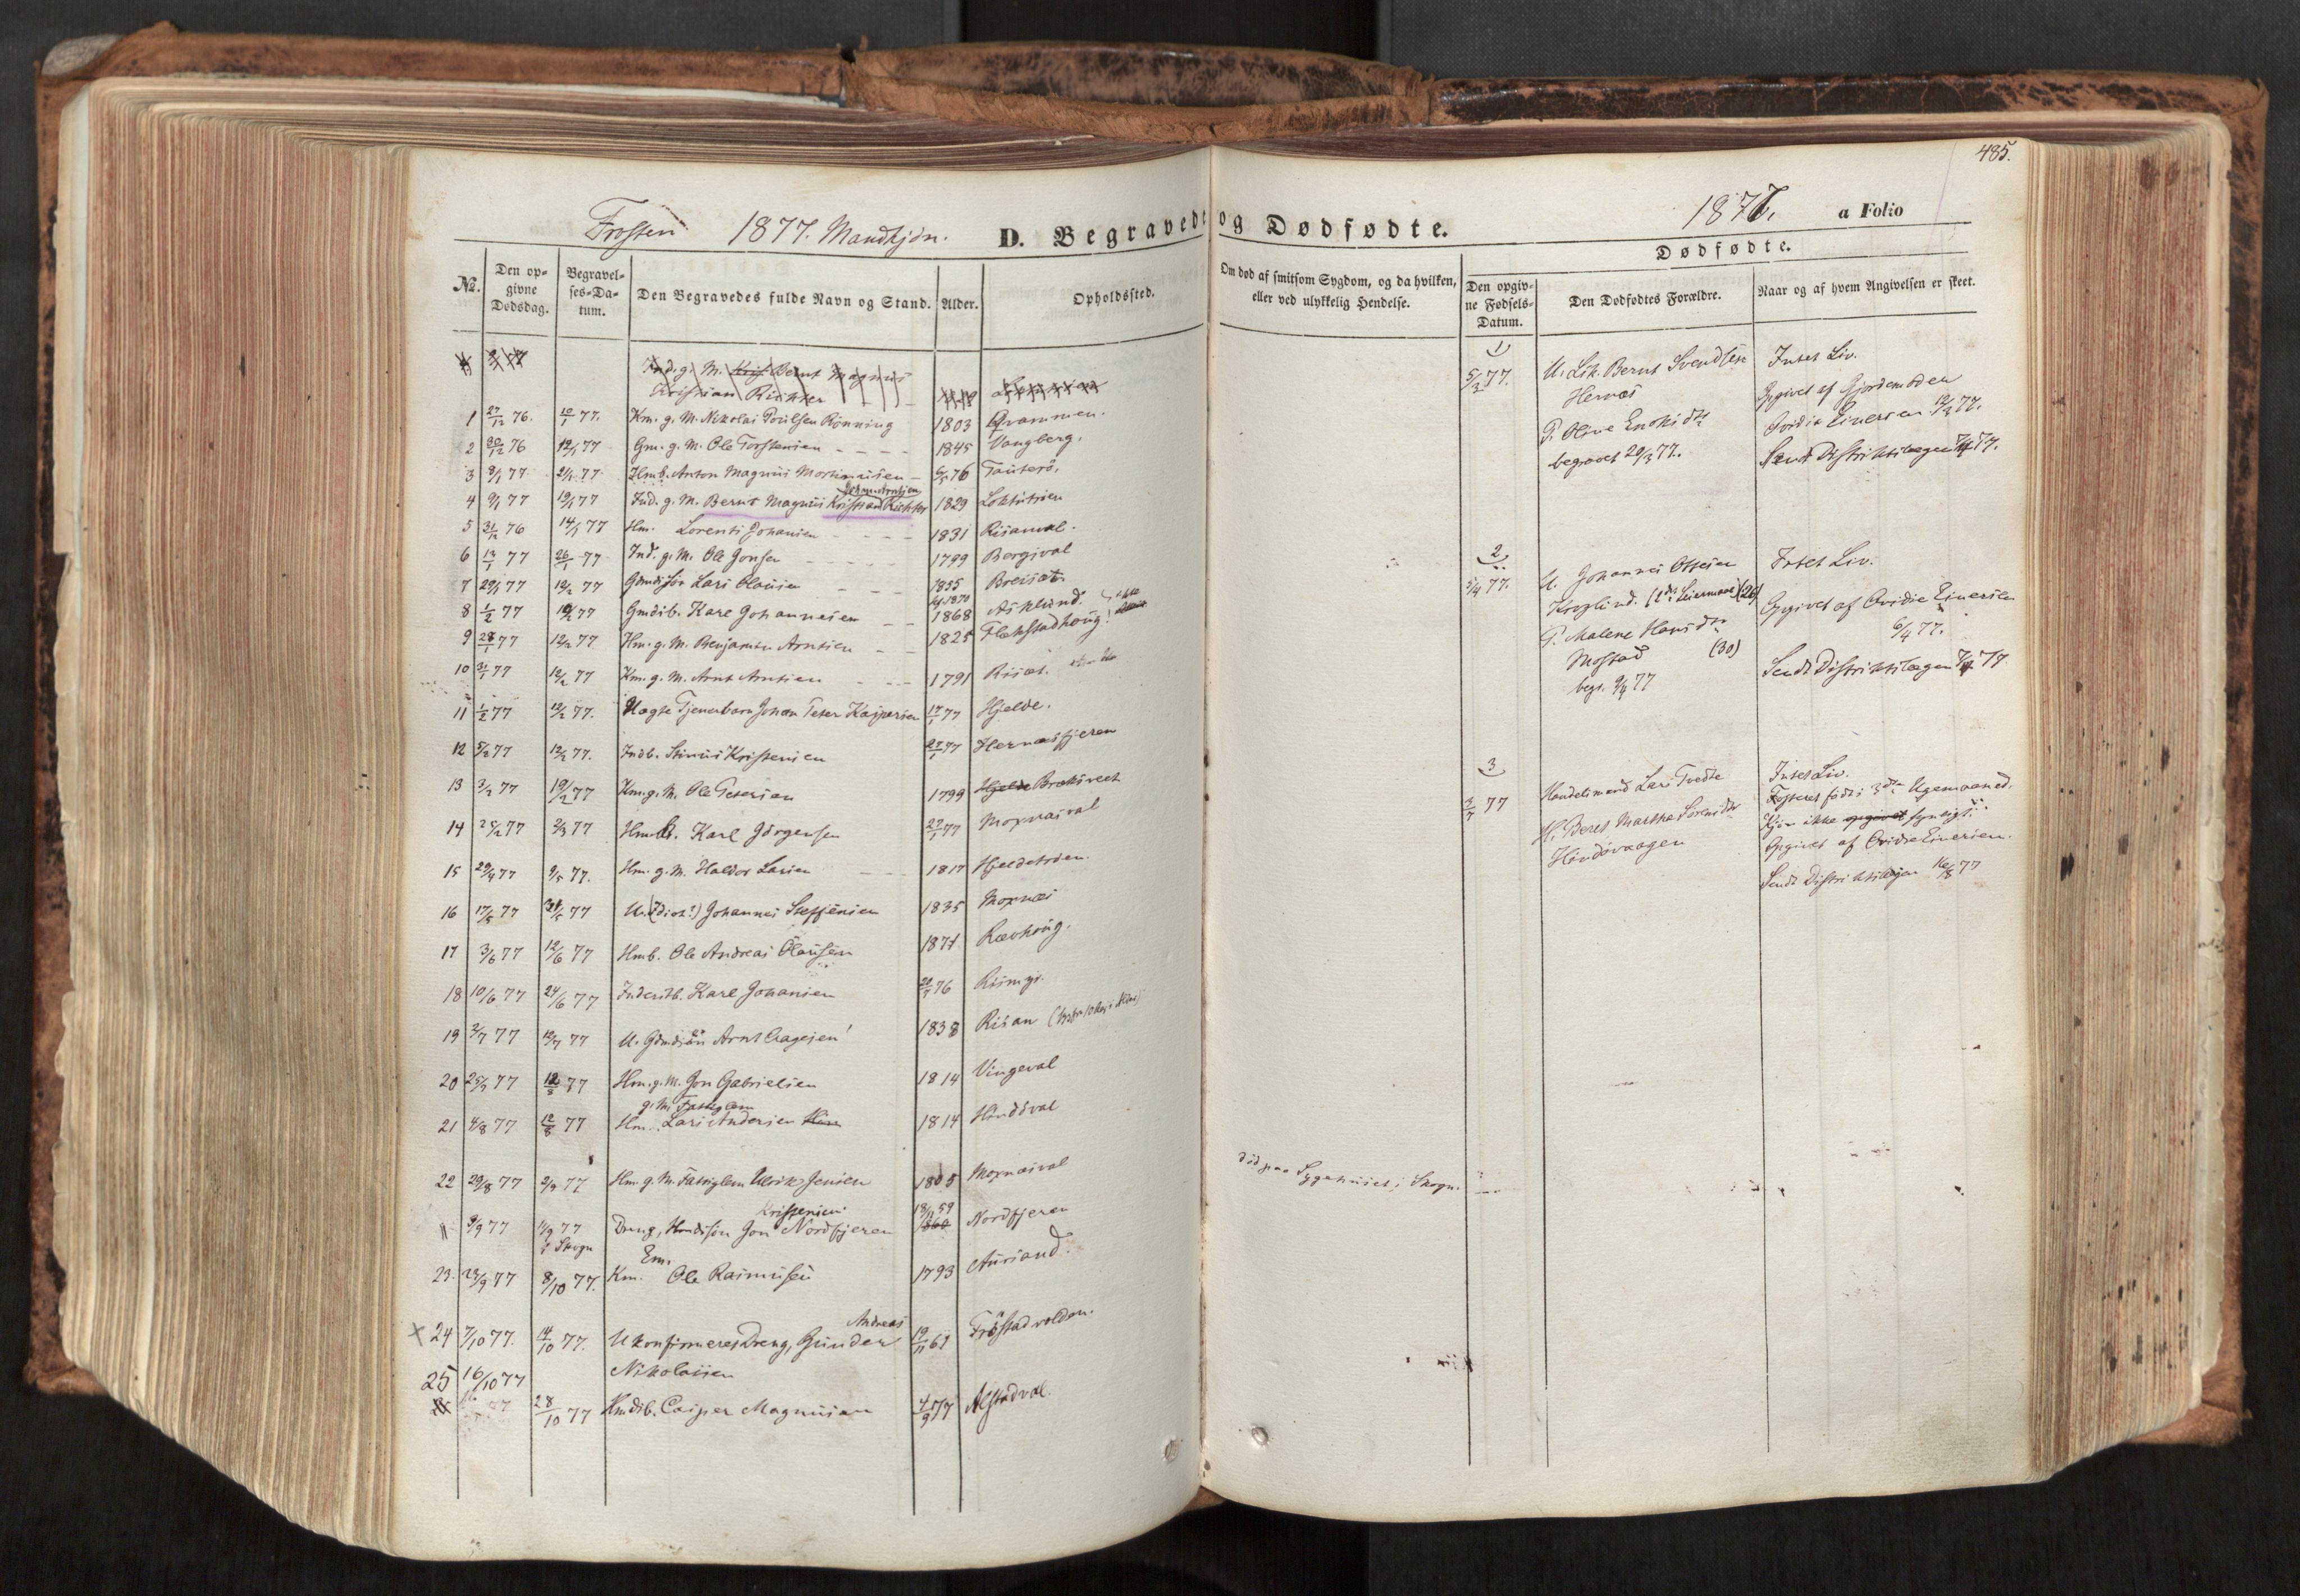 SAT, Ministerialprotokoller, klokkerbøker og fødselsregistre - Nord-Trøndelag, 713/L0116: Ministerialbok nr. 713A07, 1850-1877, s. 485